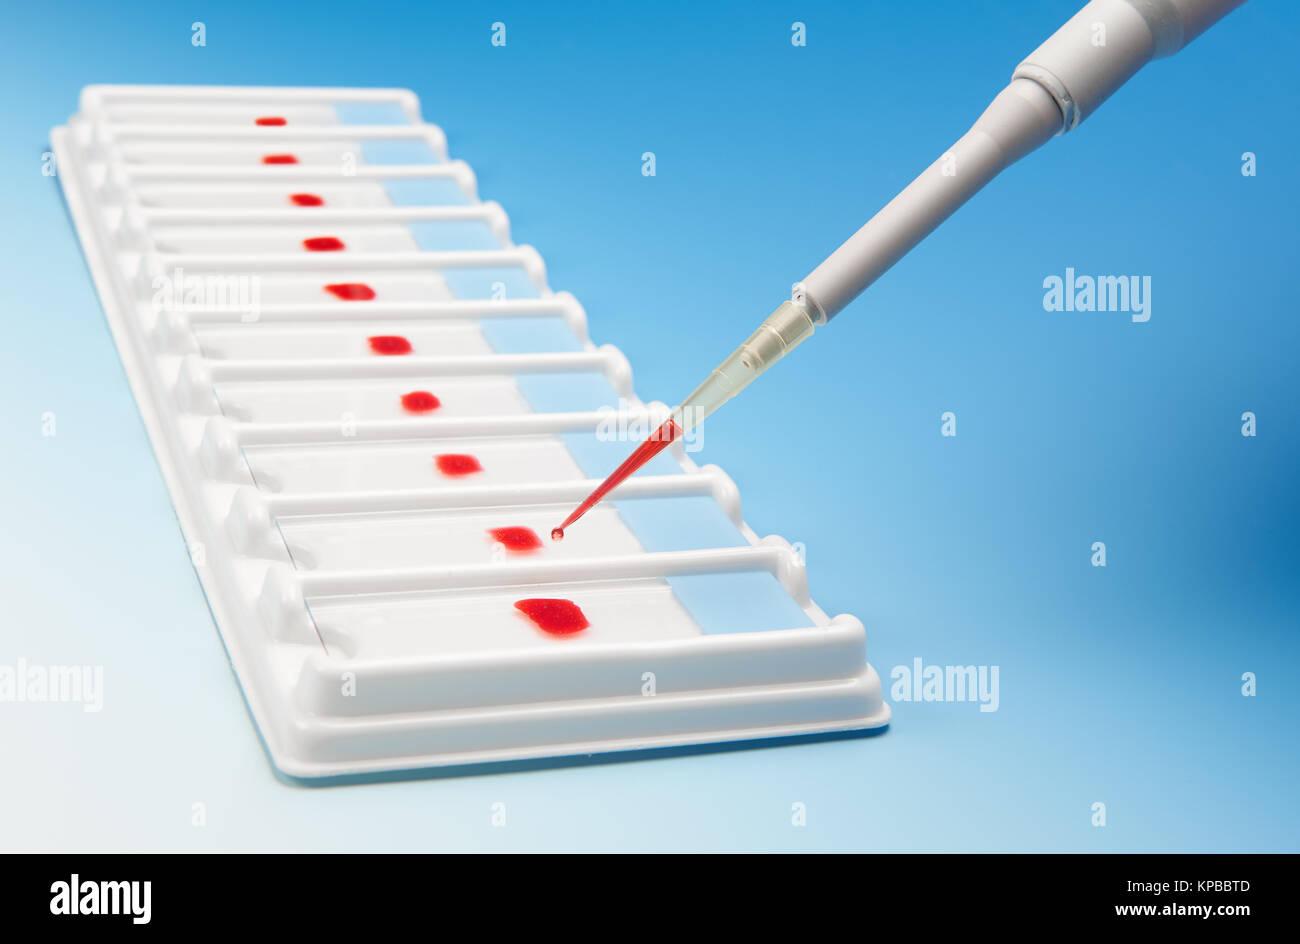 Saggio biologico concetto. Array di campioni di sangue per microscopia e una pipetta su blu gradiente dello sfondo Immagini Stock